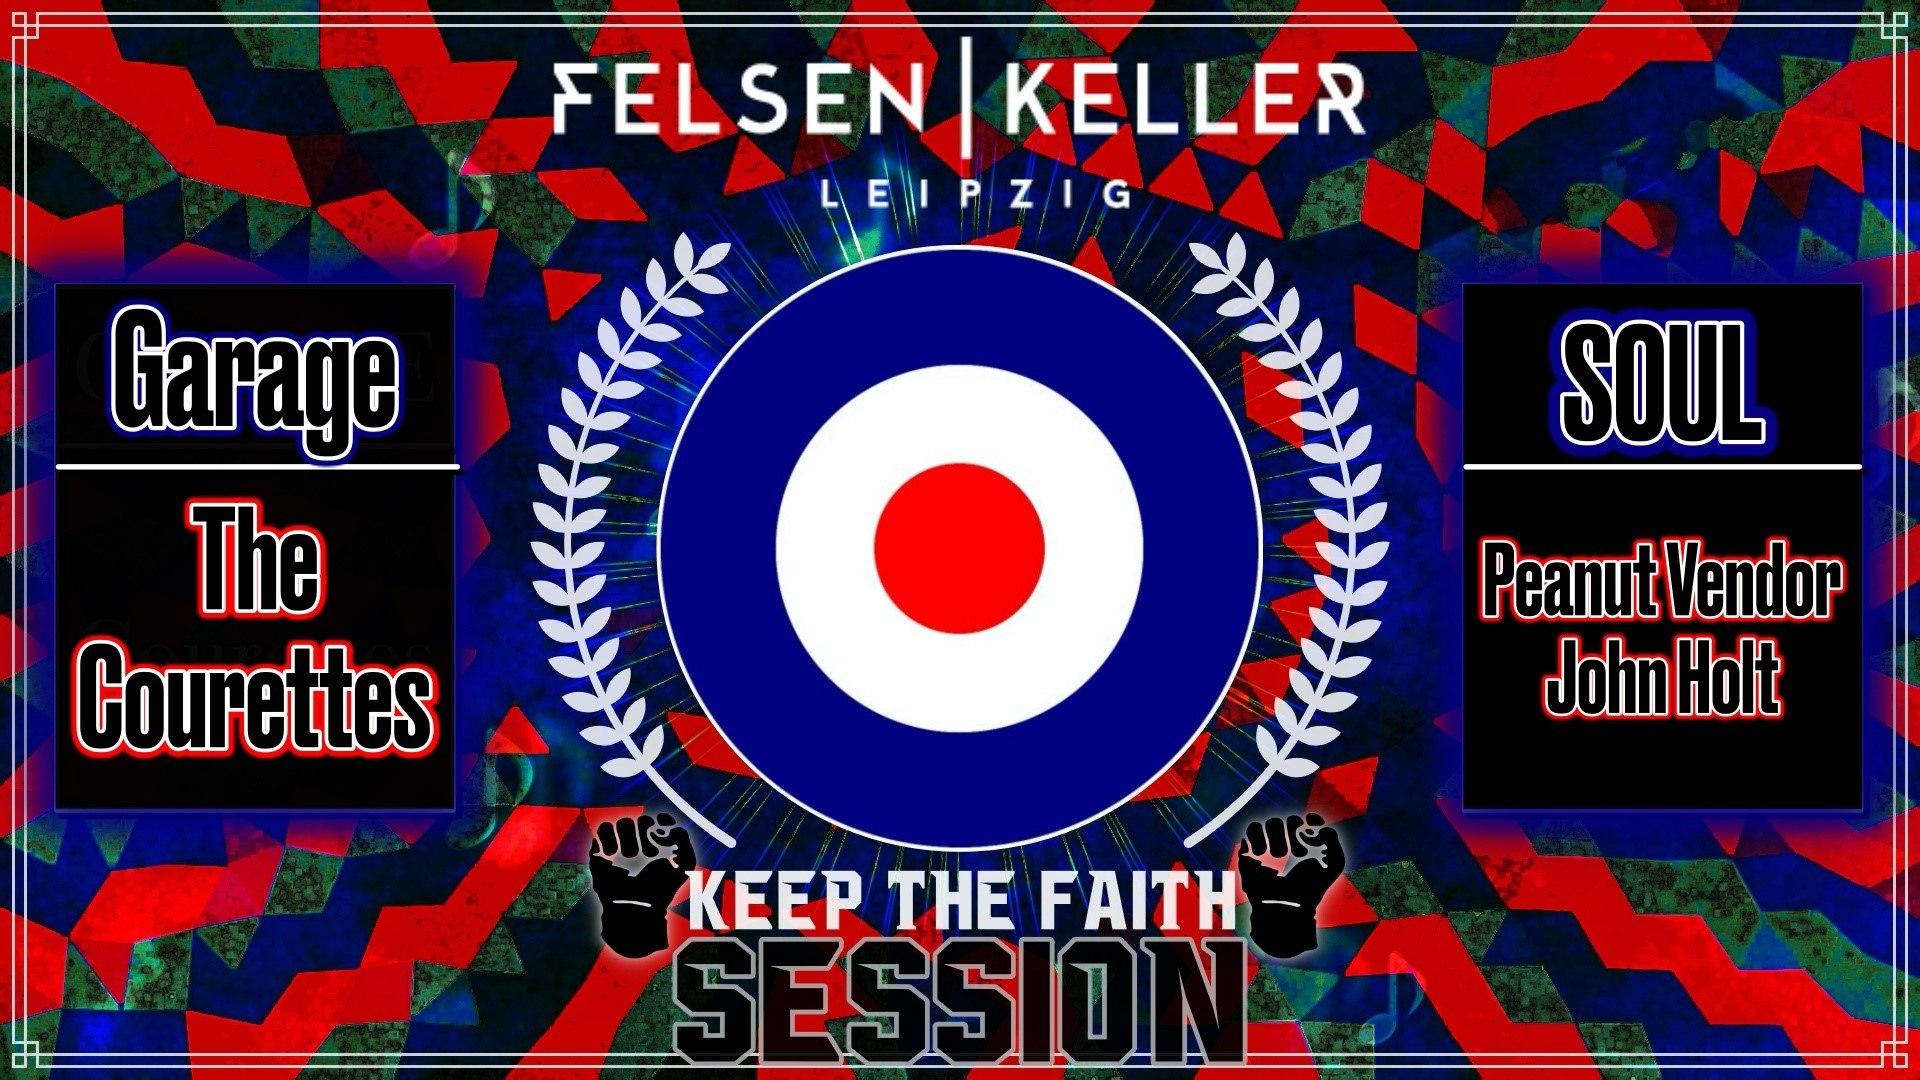 Keep the faith- Soul Session